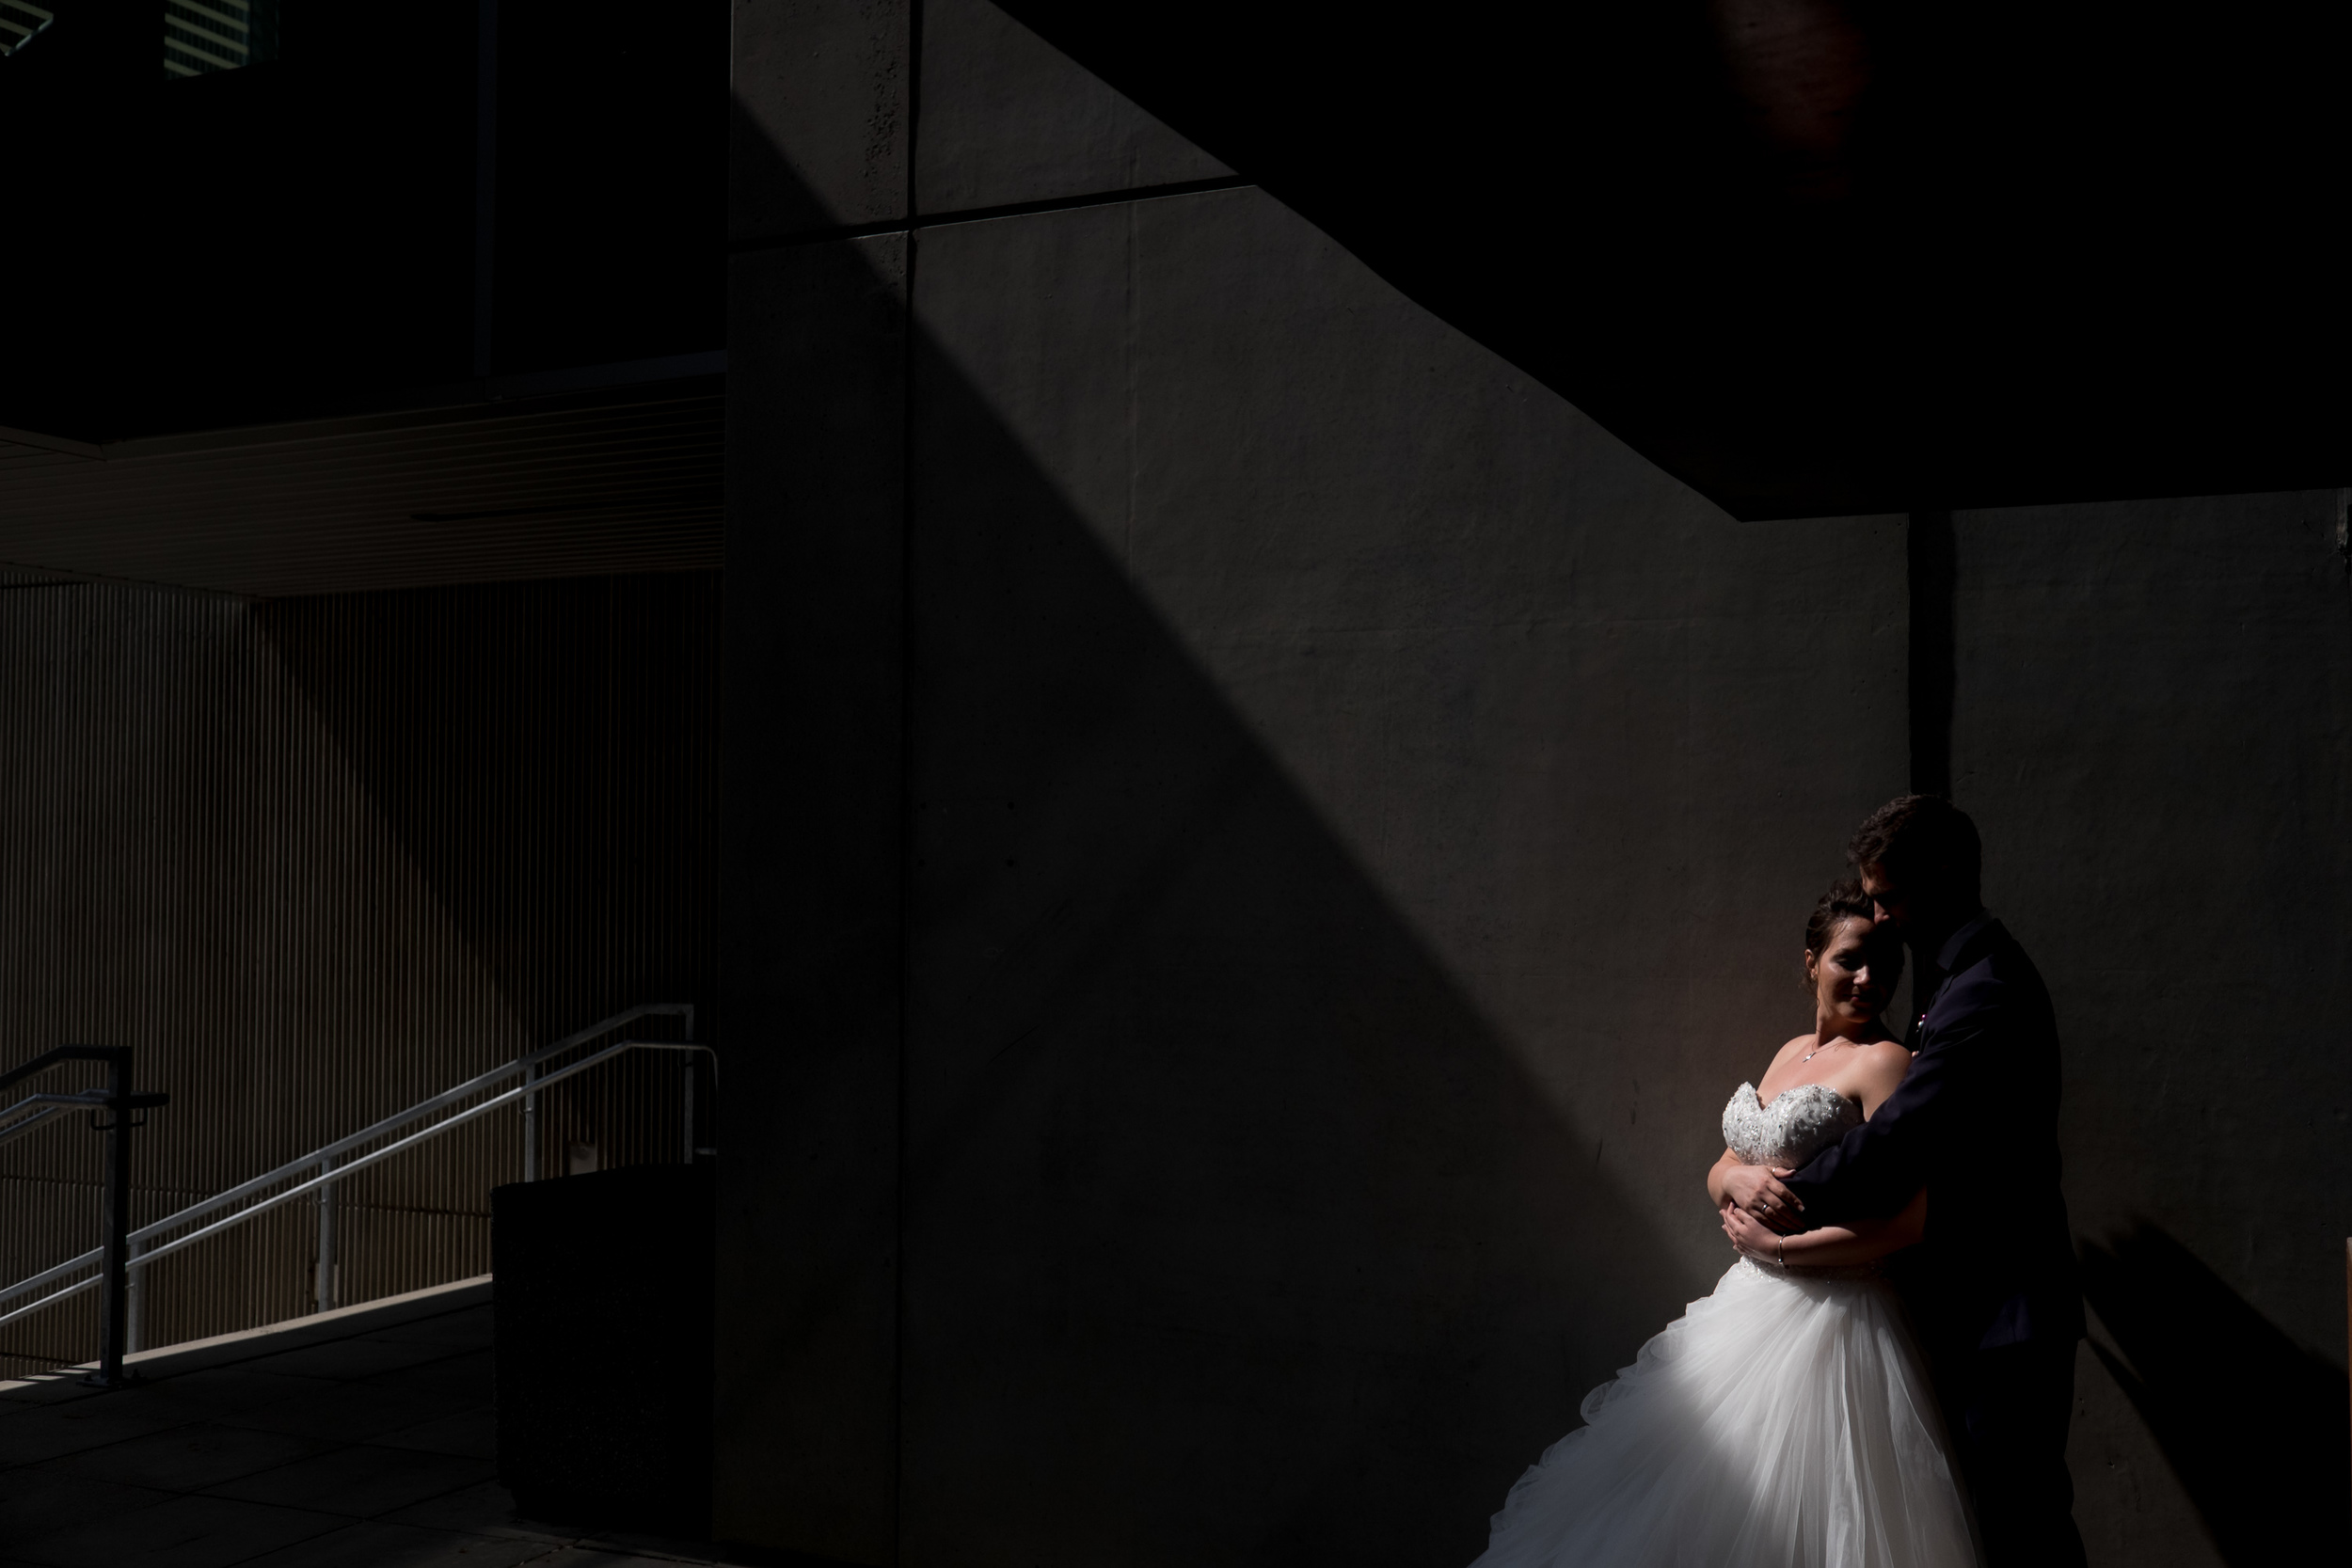 waterloo-wedding-photography-007.jpg